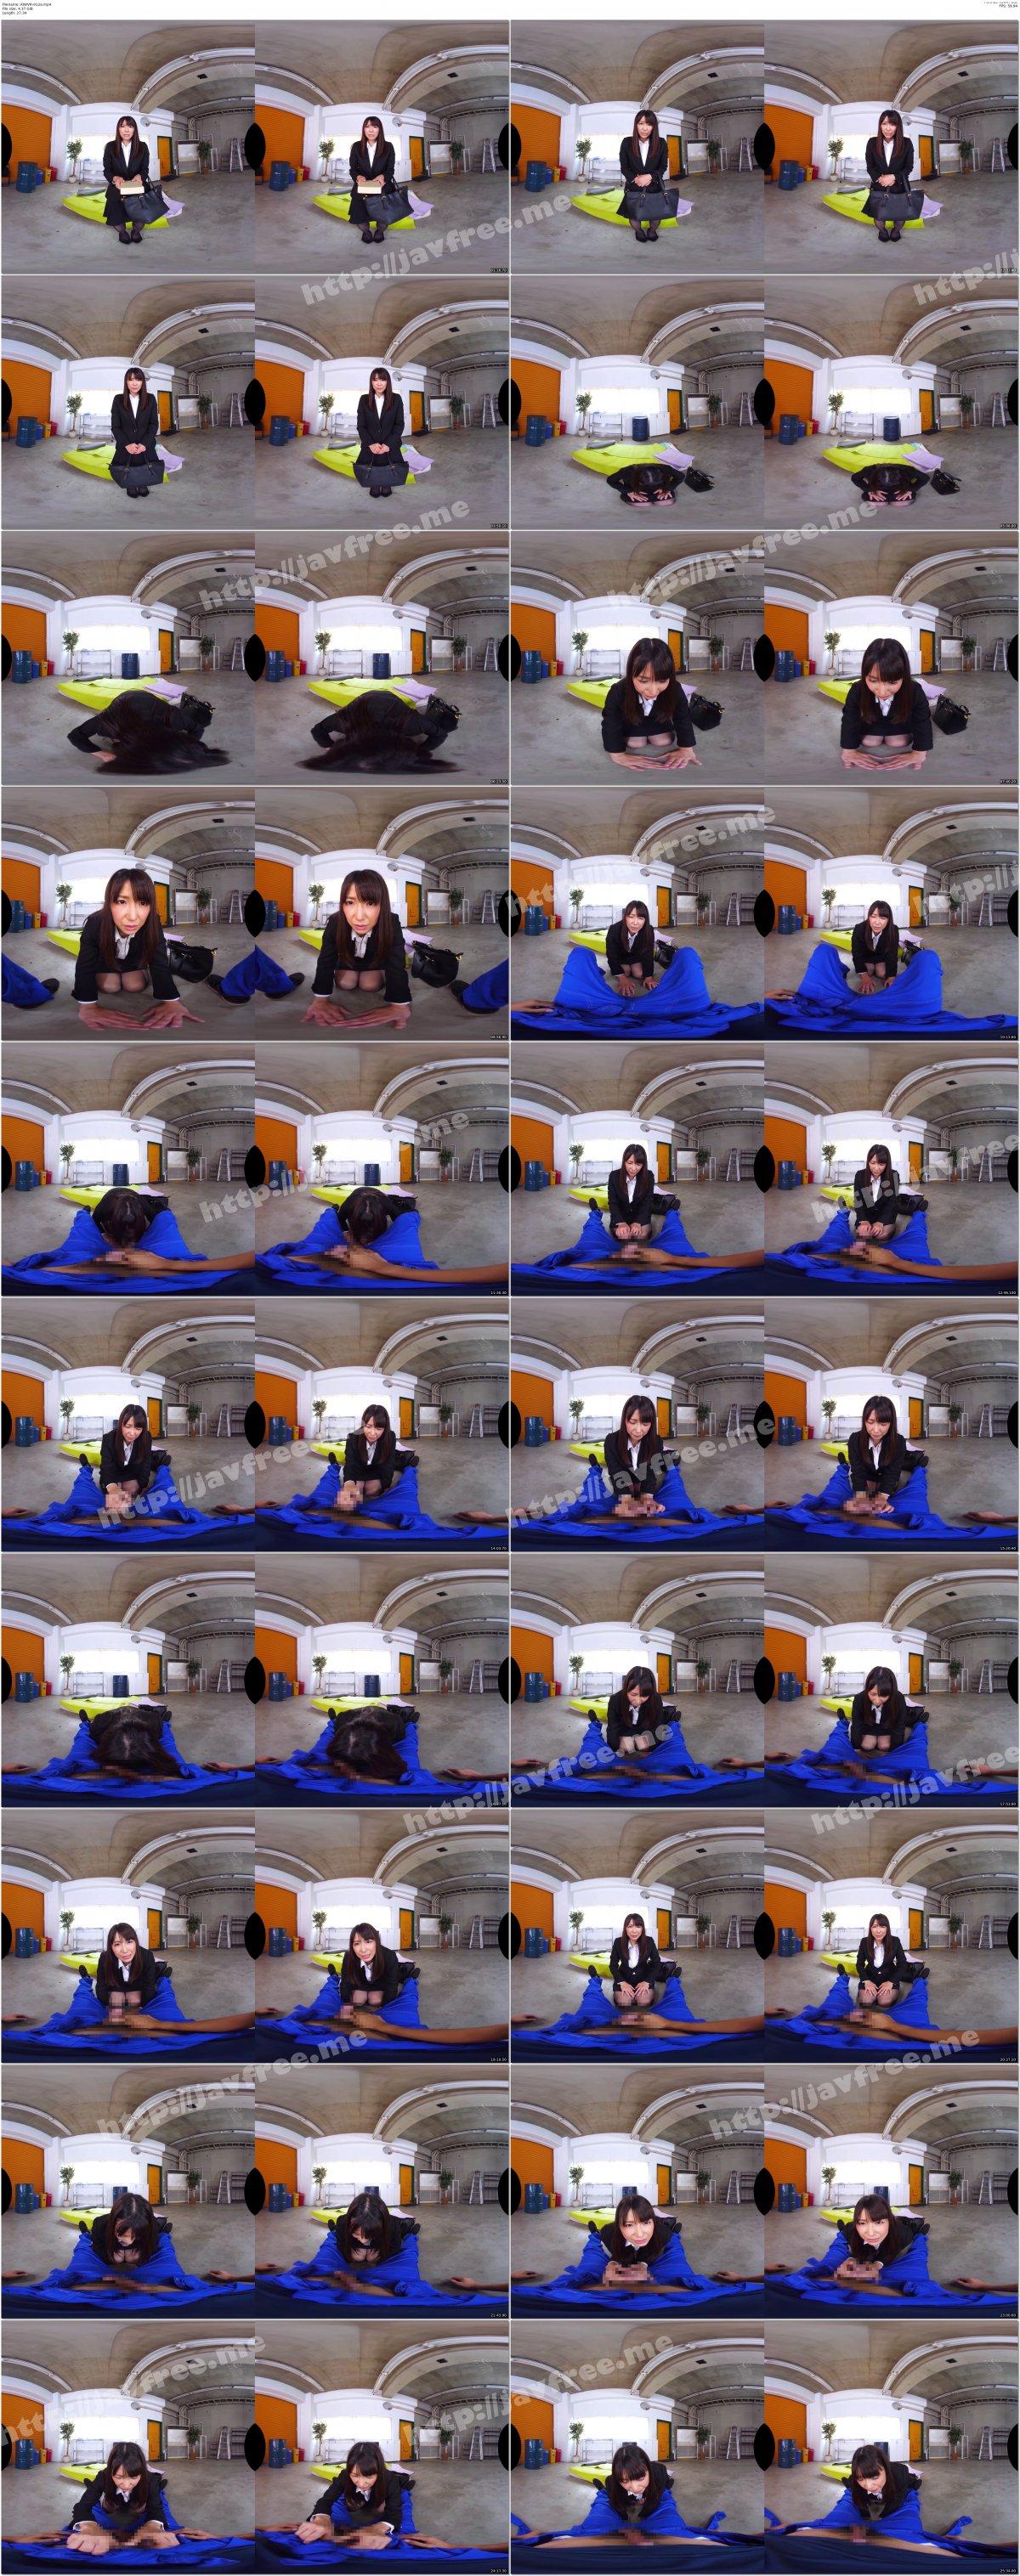 [KIWVR-012] 【VR】HQ超画質革命! クレーム処理にきた美人OLを土下座謝罪させてアレコレ命令しまくって生ハメ中出ししたモンスタークレーマーVR 加藤あやの - image KIWVR-012a on https://javfree.me